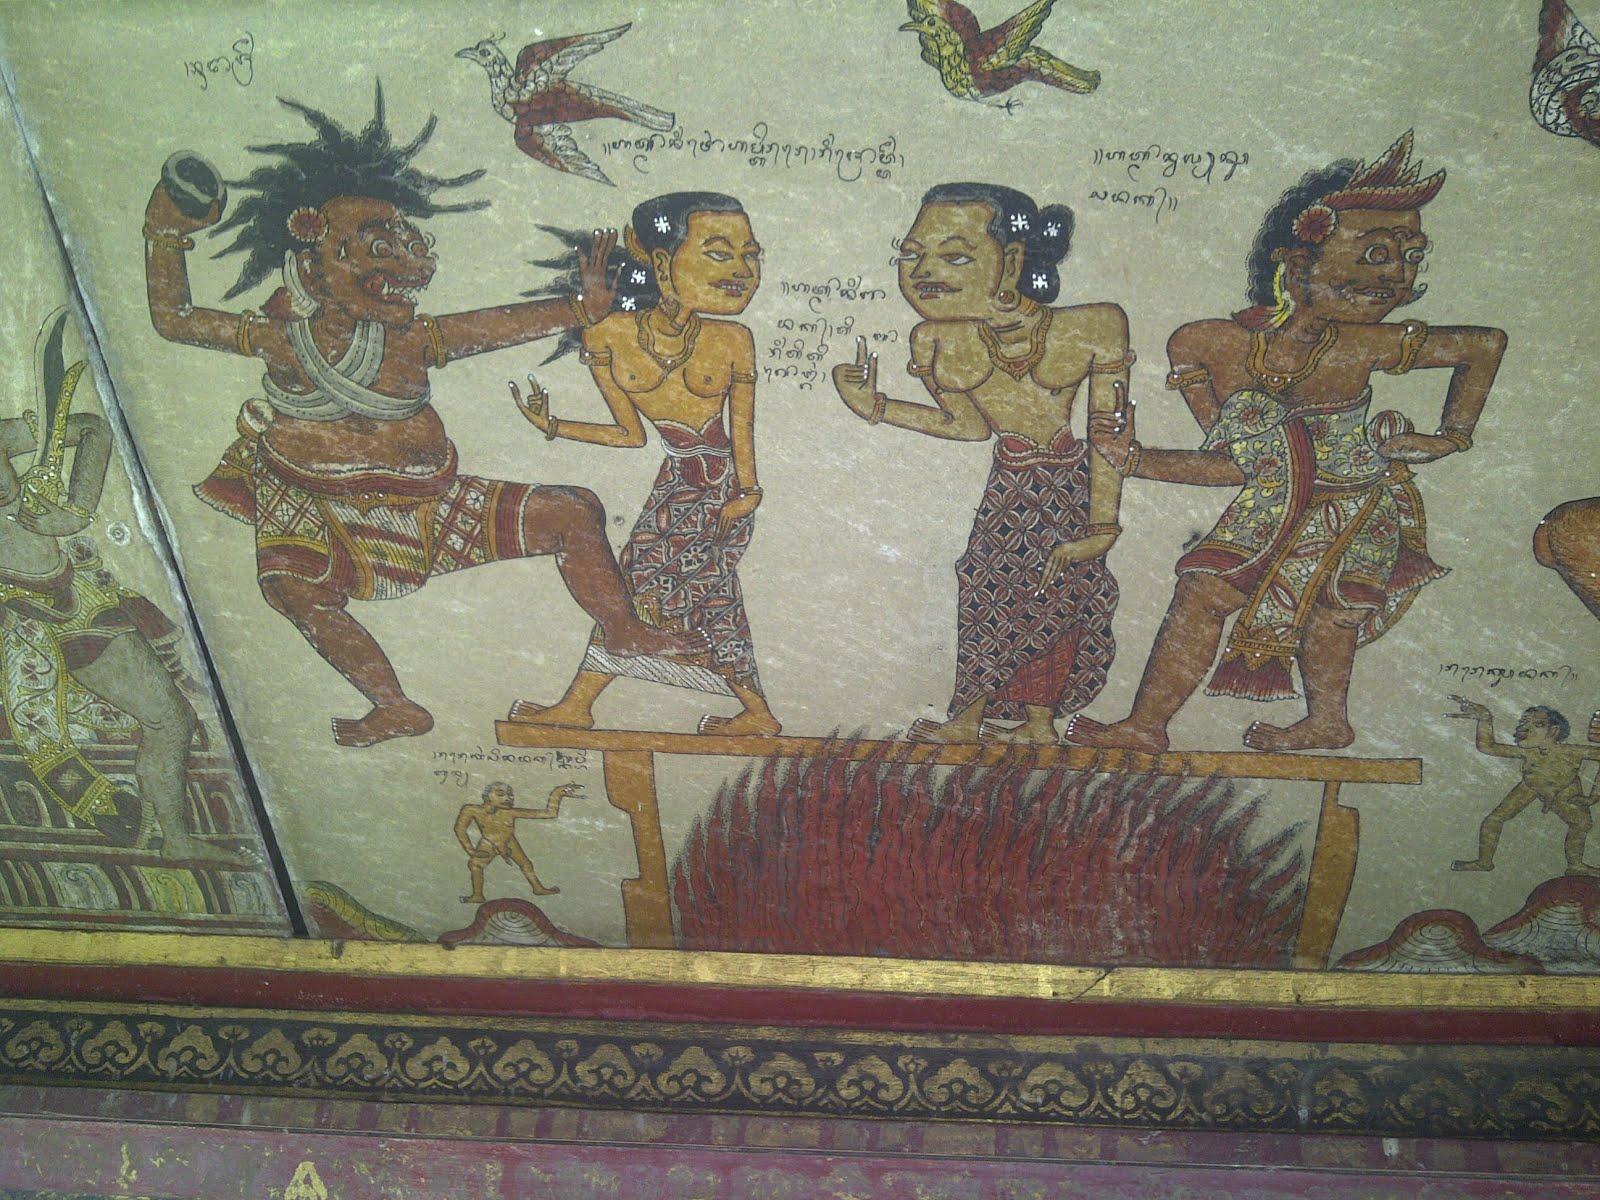 Tribunal de Justicia de Kerta Gosa, Bali, vuelta al mundo, round the world, La vuelta al mundo de Asun y Ricardo